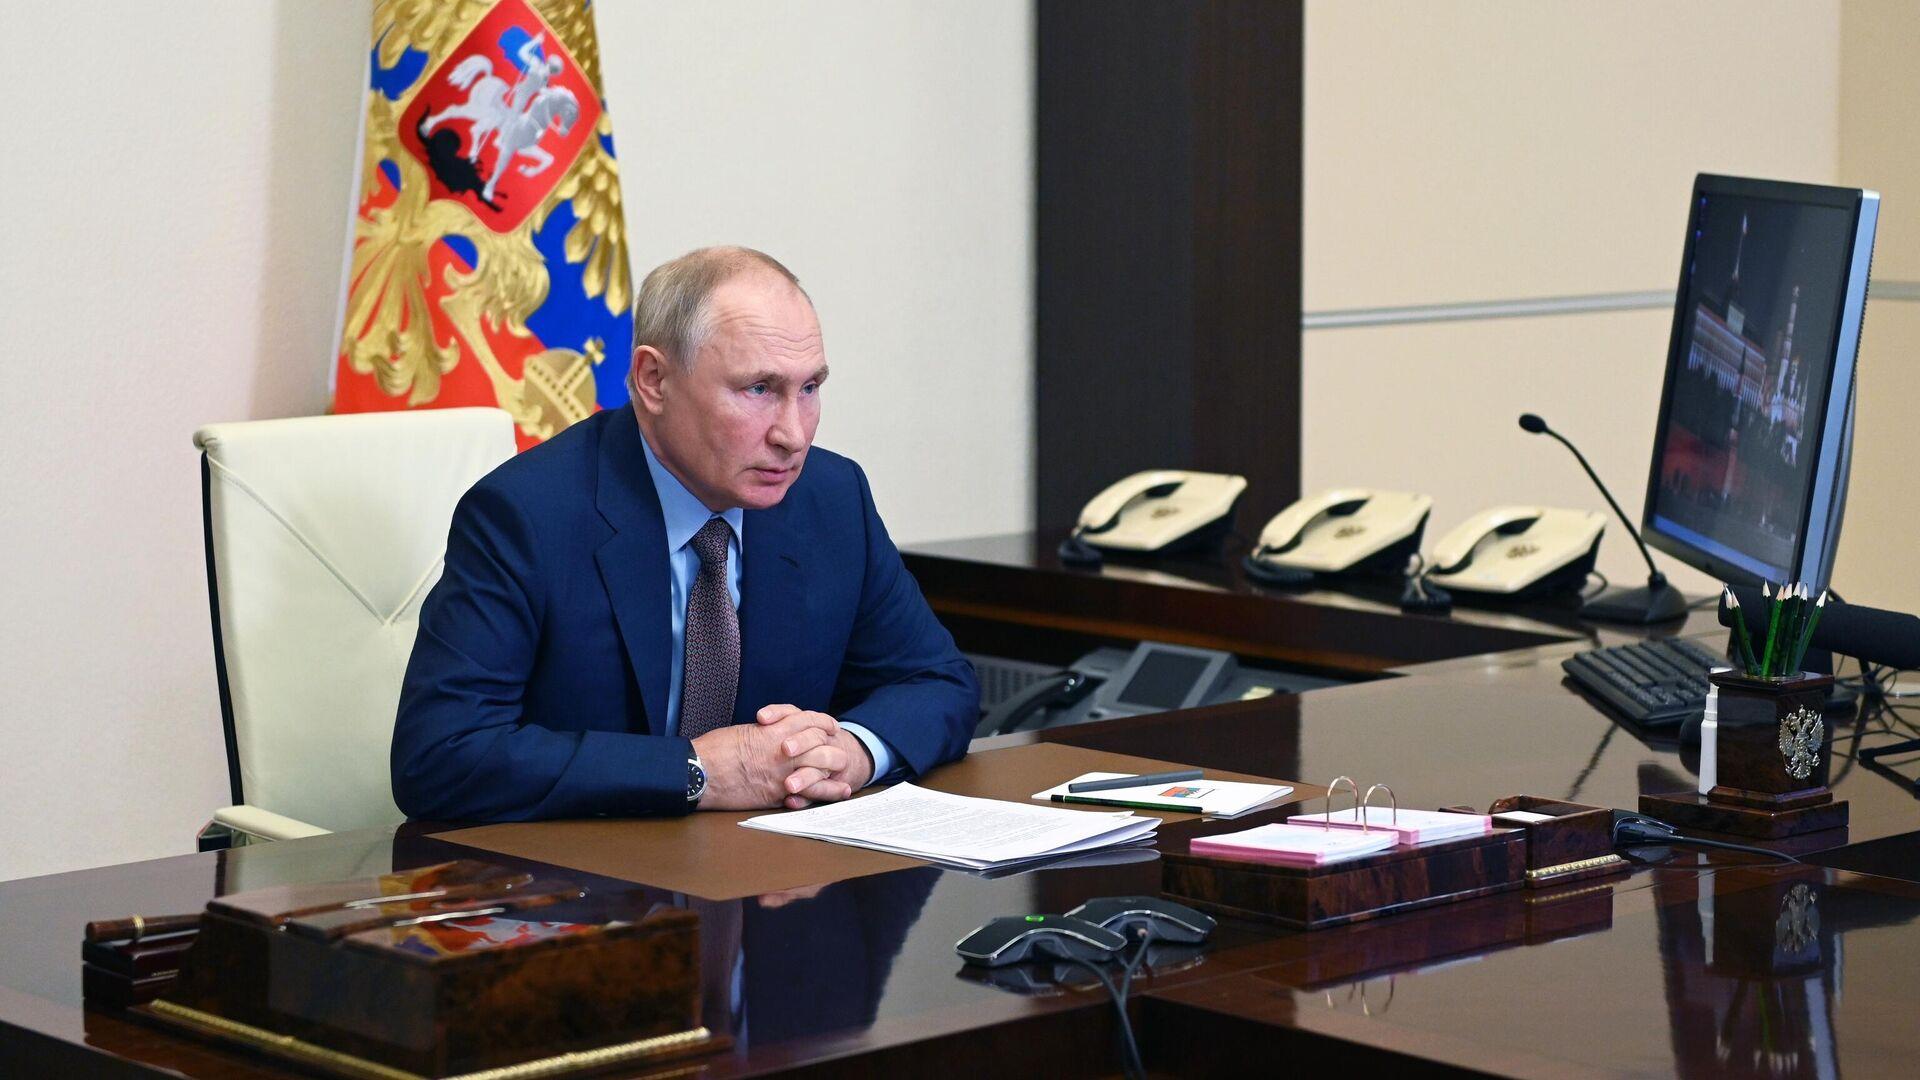 Президент РФ Владимир Путин проводит совещание о подготовке к новому учебному году - РИА Новости, 1920, 30.07.2021